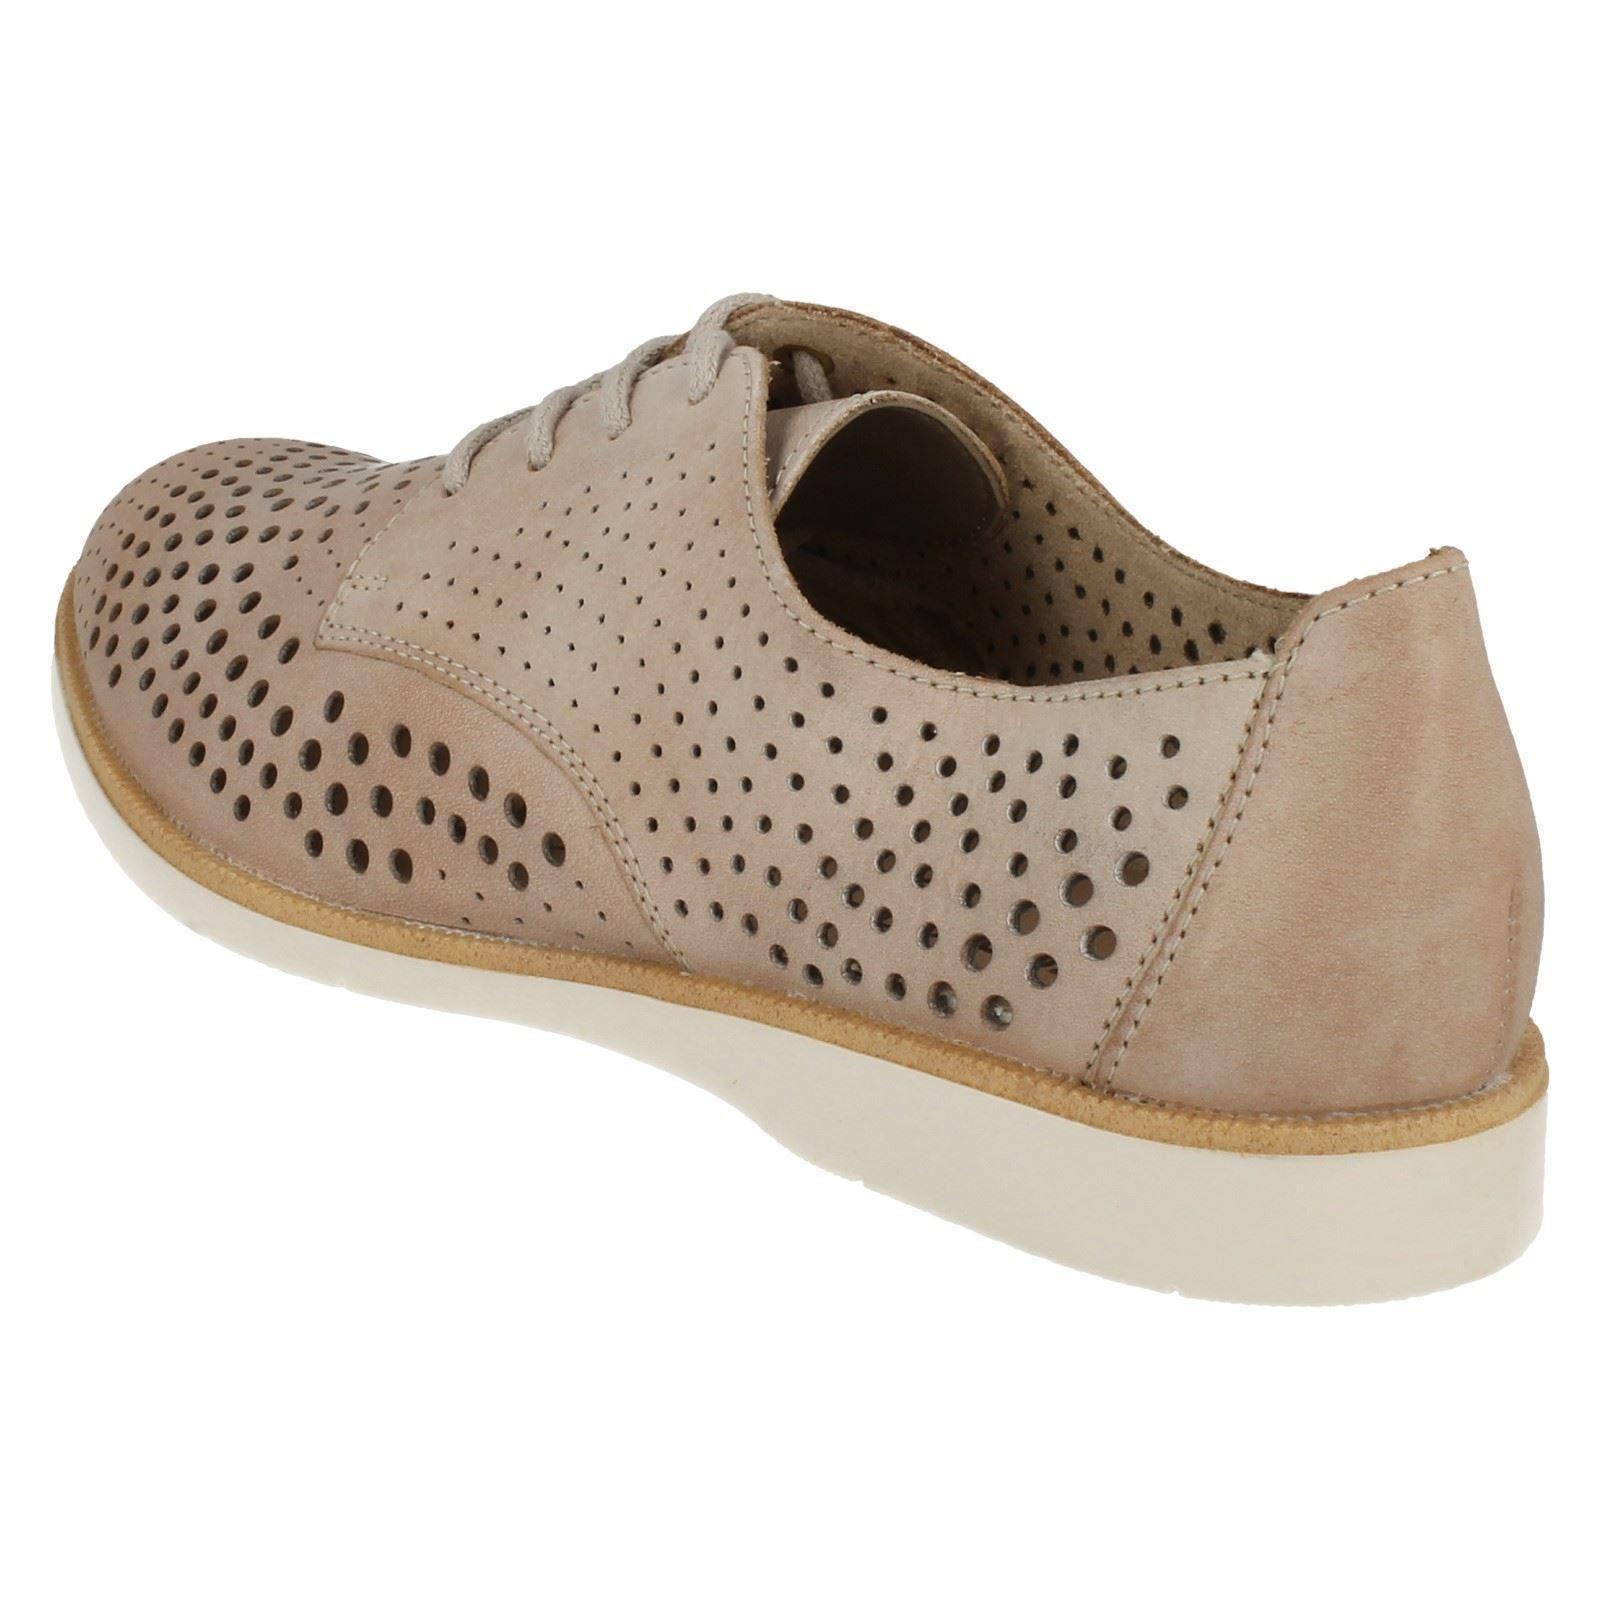 Remonte lacets Chaussures à R0403 femmes Décontractées Beige pour 8qwRwxfd6